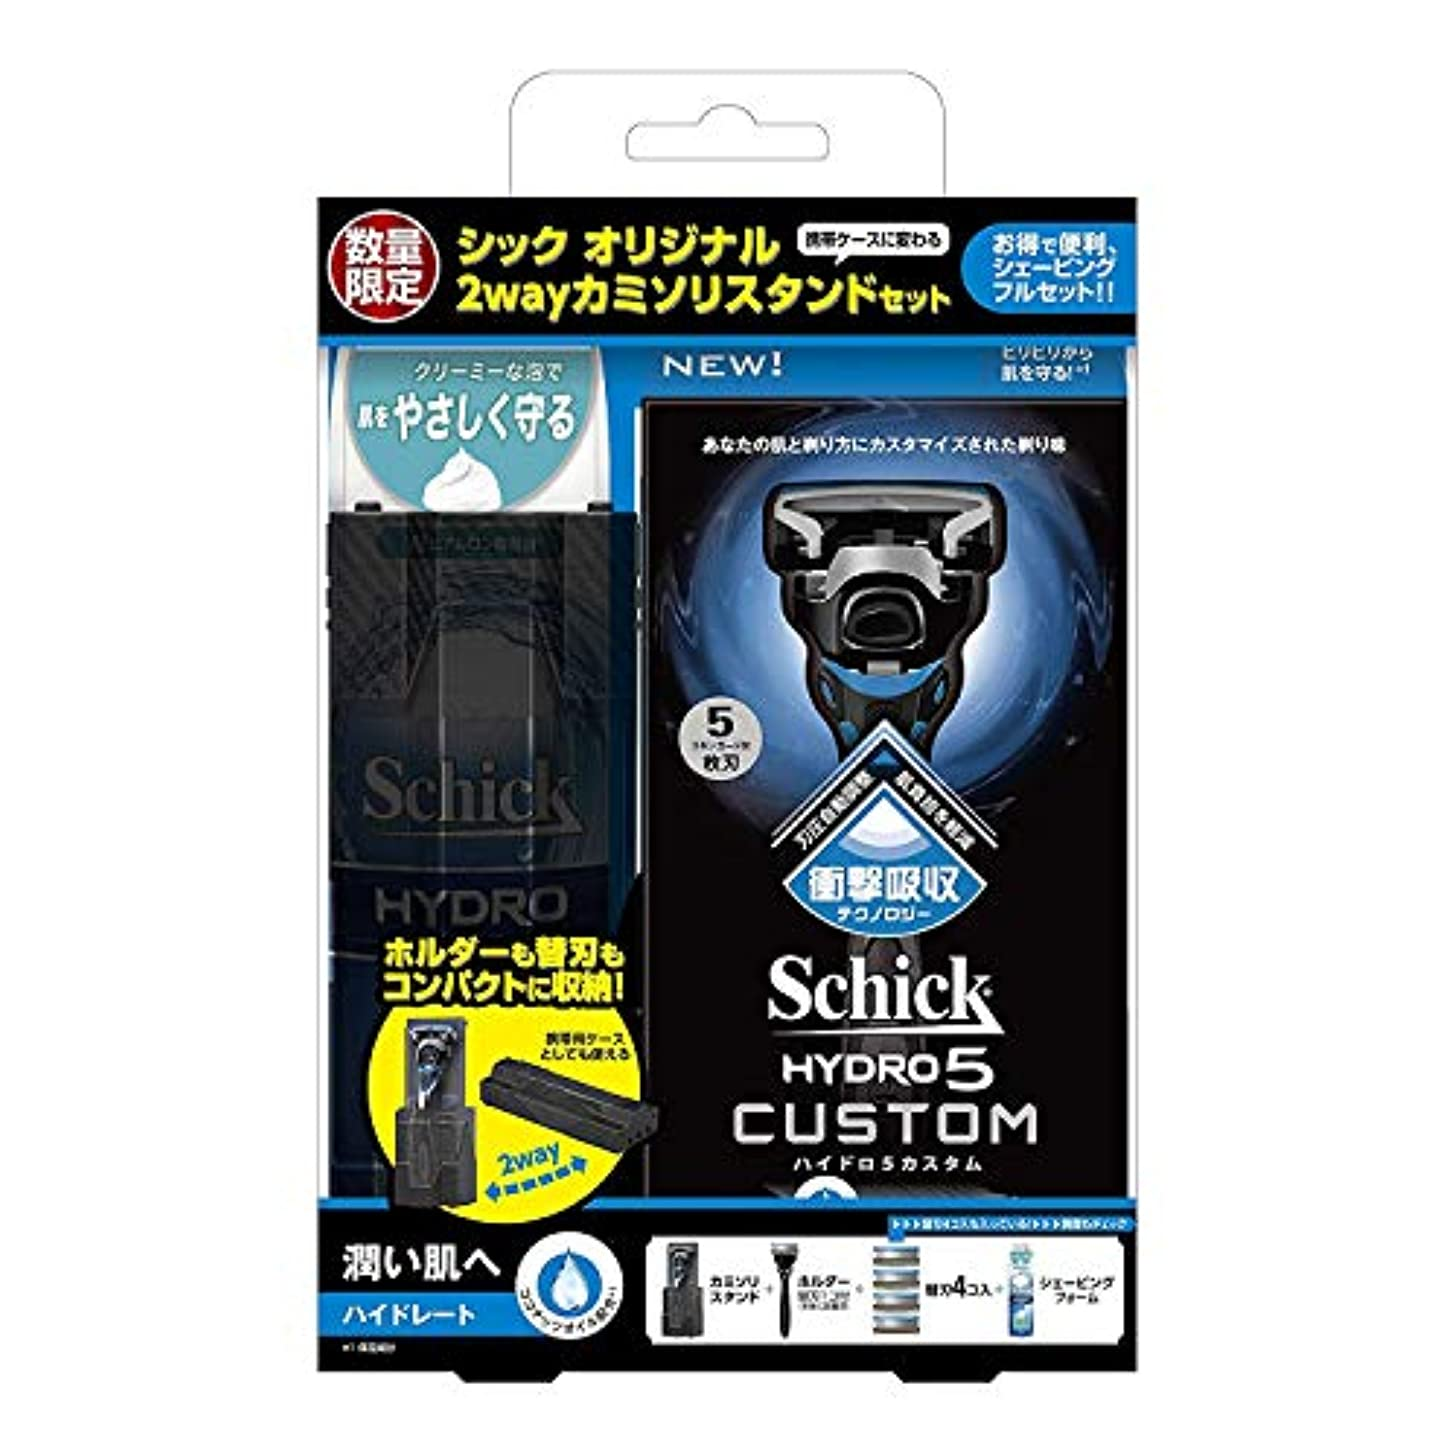 質量誘発する一見シック Schick 5枚刃 ハイドロ5 カスタム ハイドレート スペシャルパック 替刃5コ付 (替刃は本体に装着済み) 男性 カミソリ